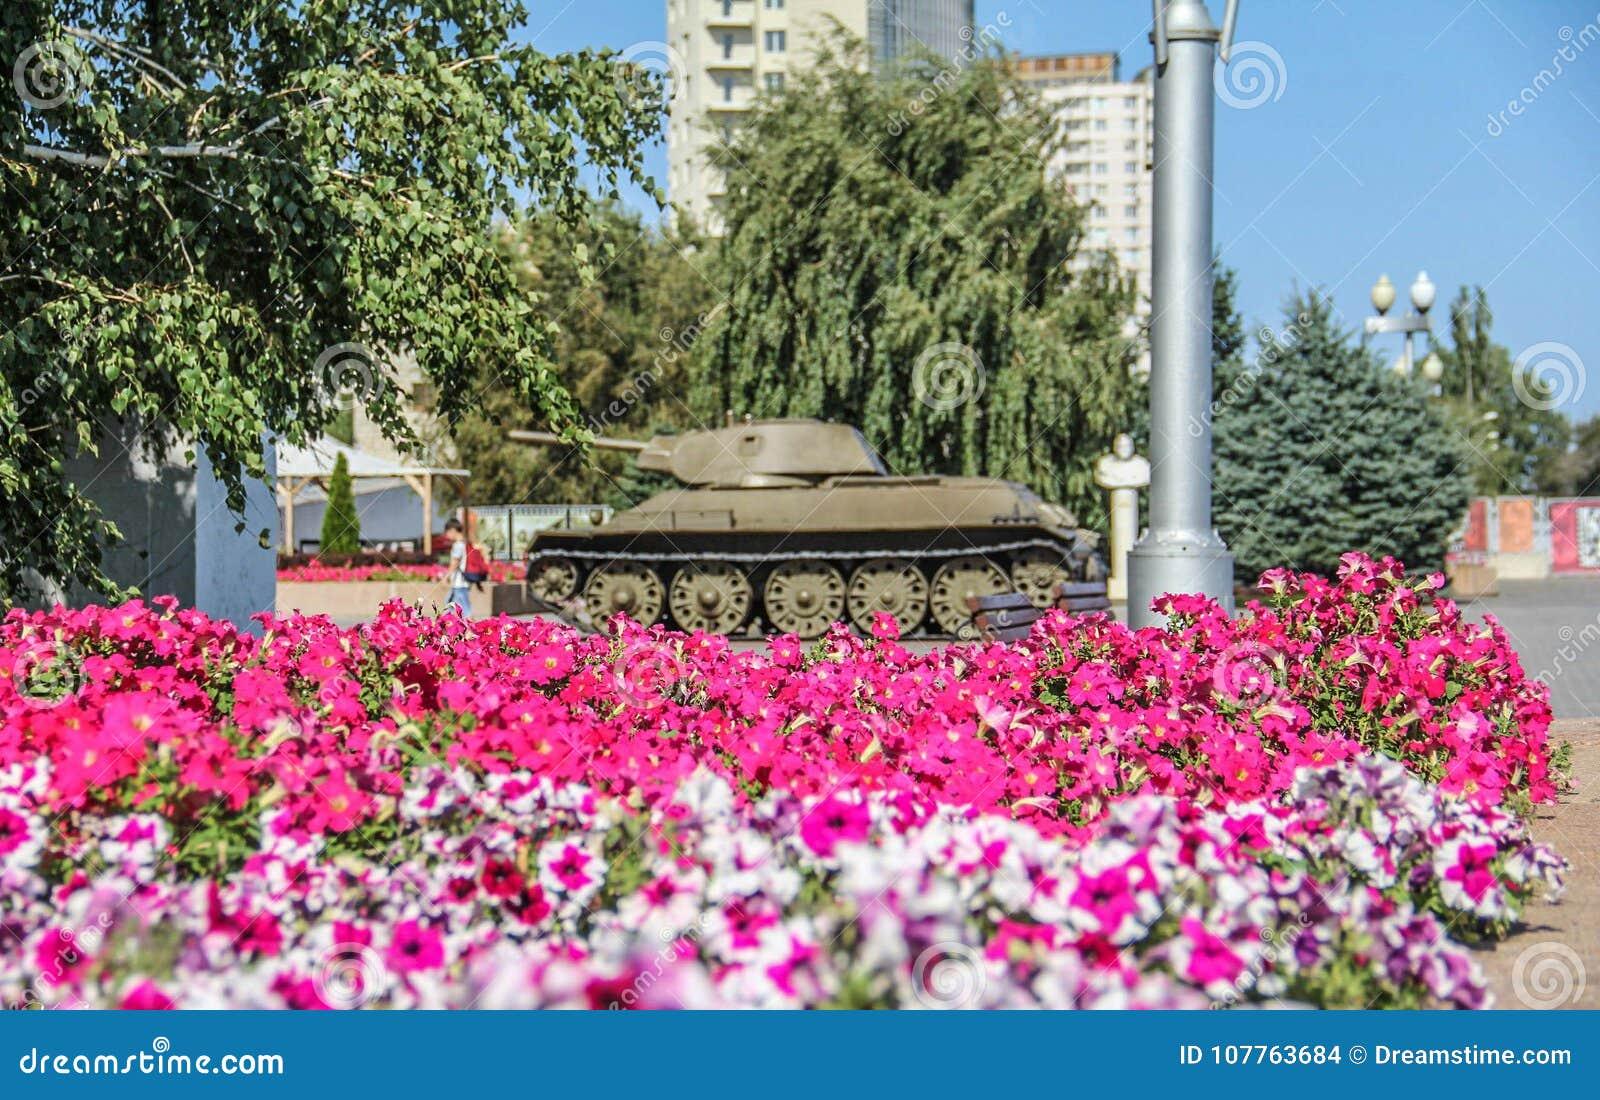 Carro armato e fiori